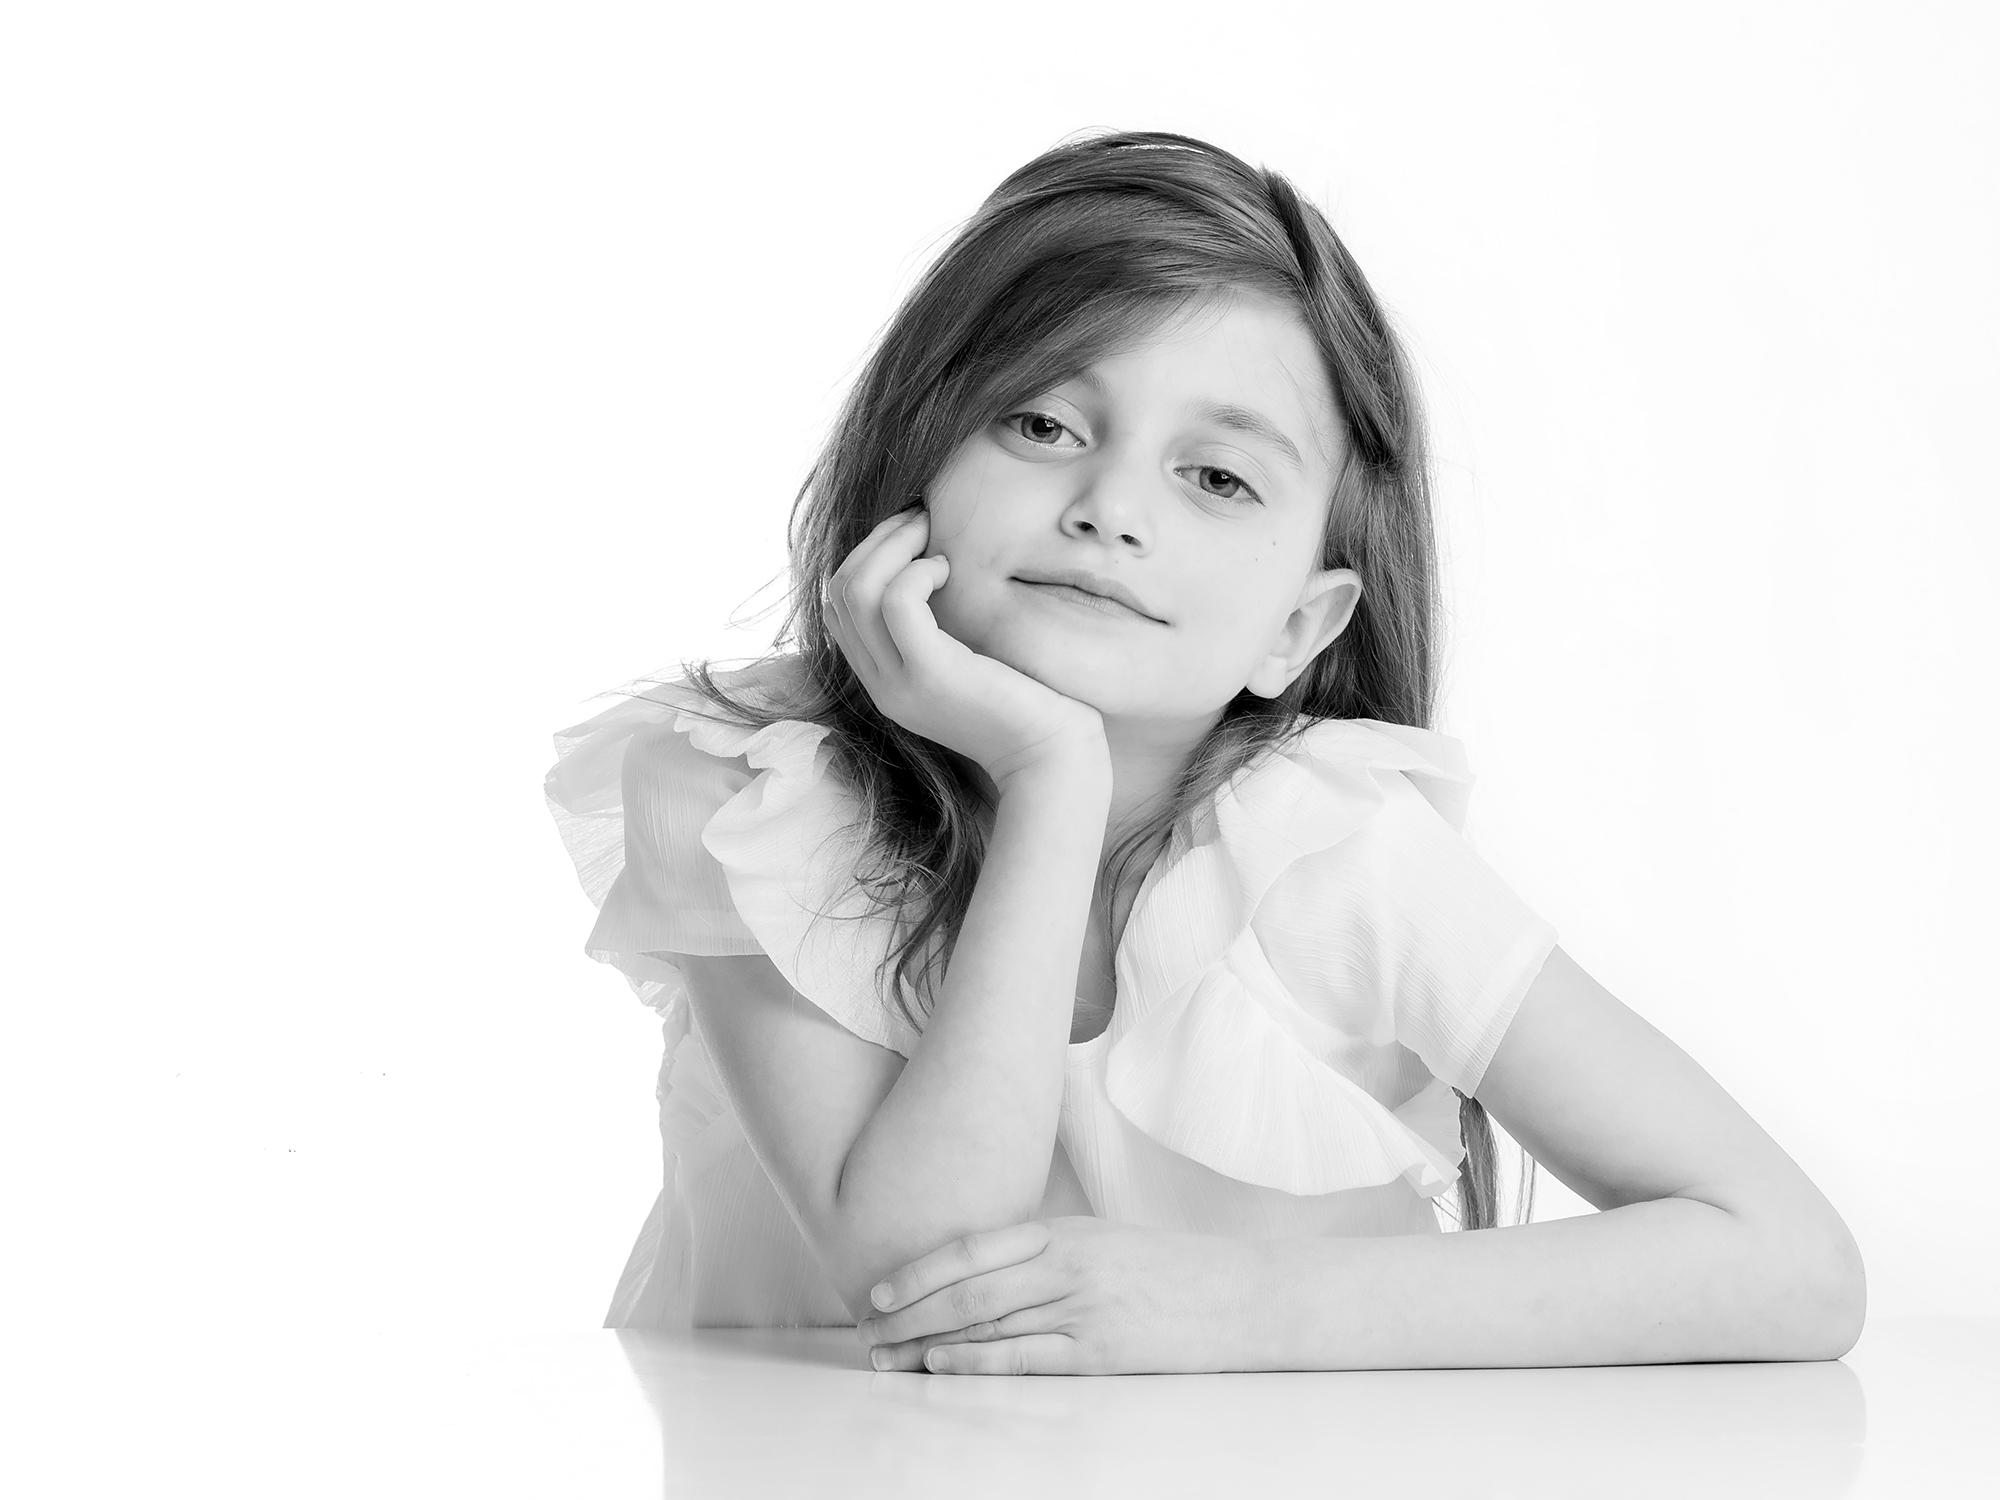 seance-portrait-enfant-aixenprovence